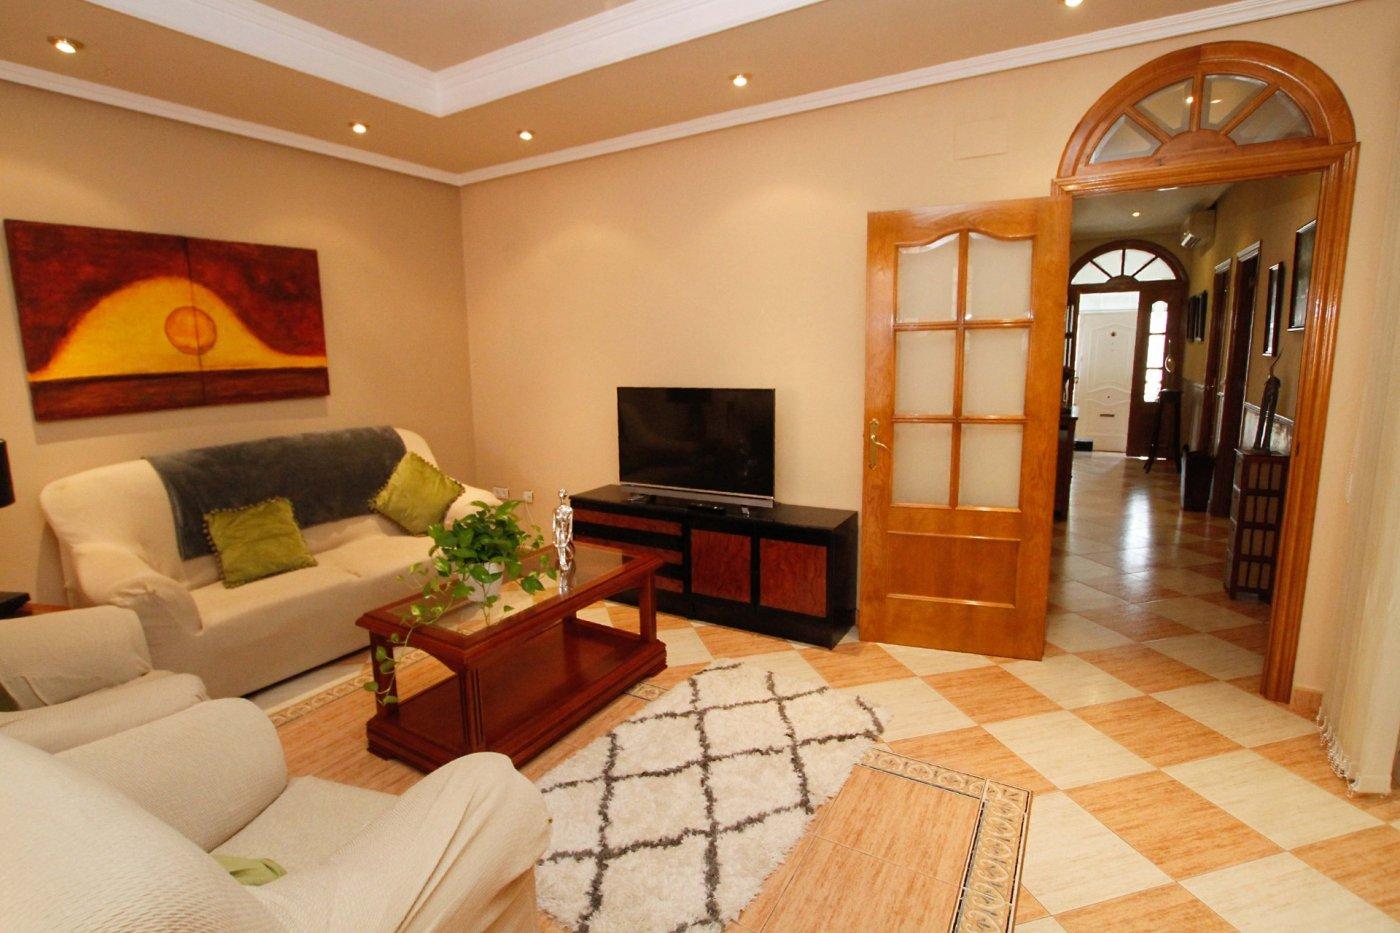 Casa en venta en Puebla de la Calzada, Puebla de la Calzada